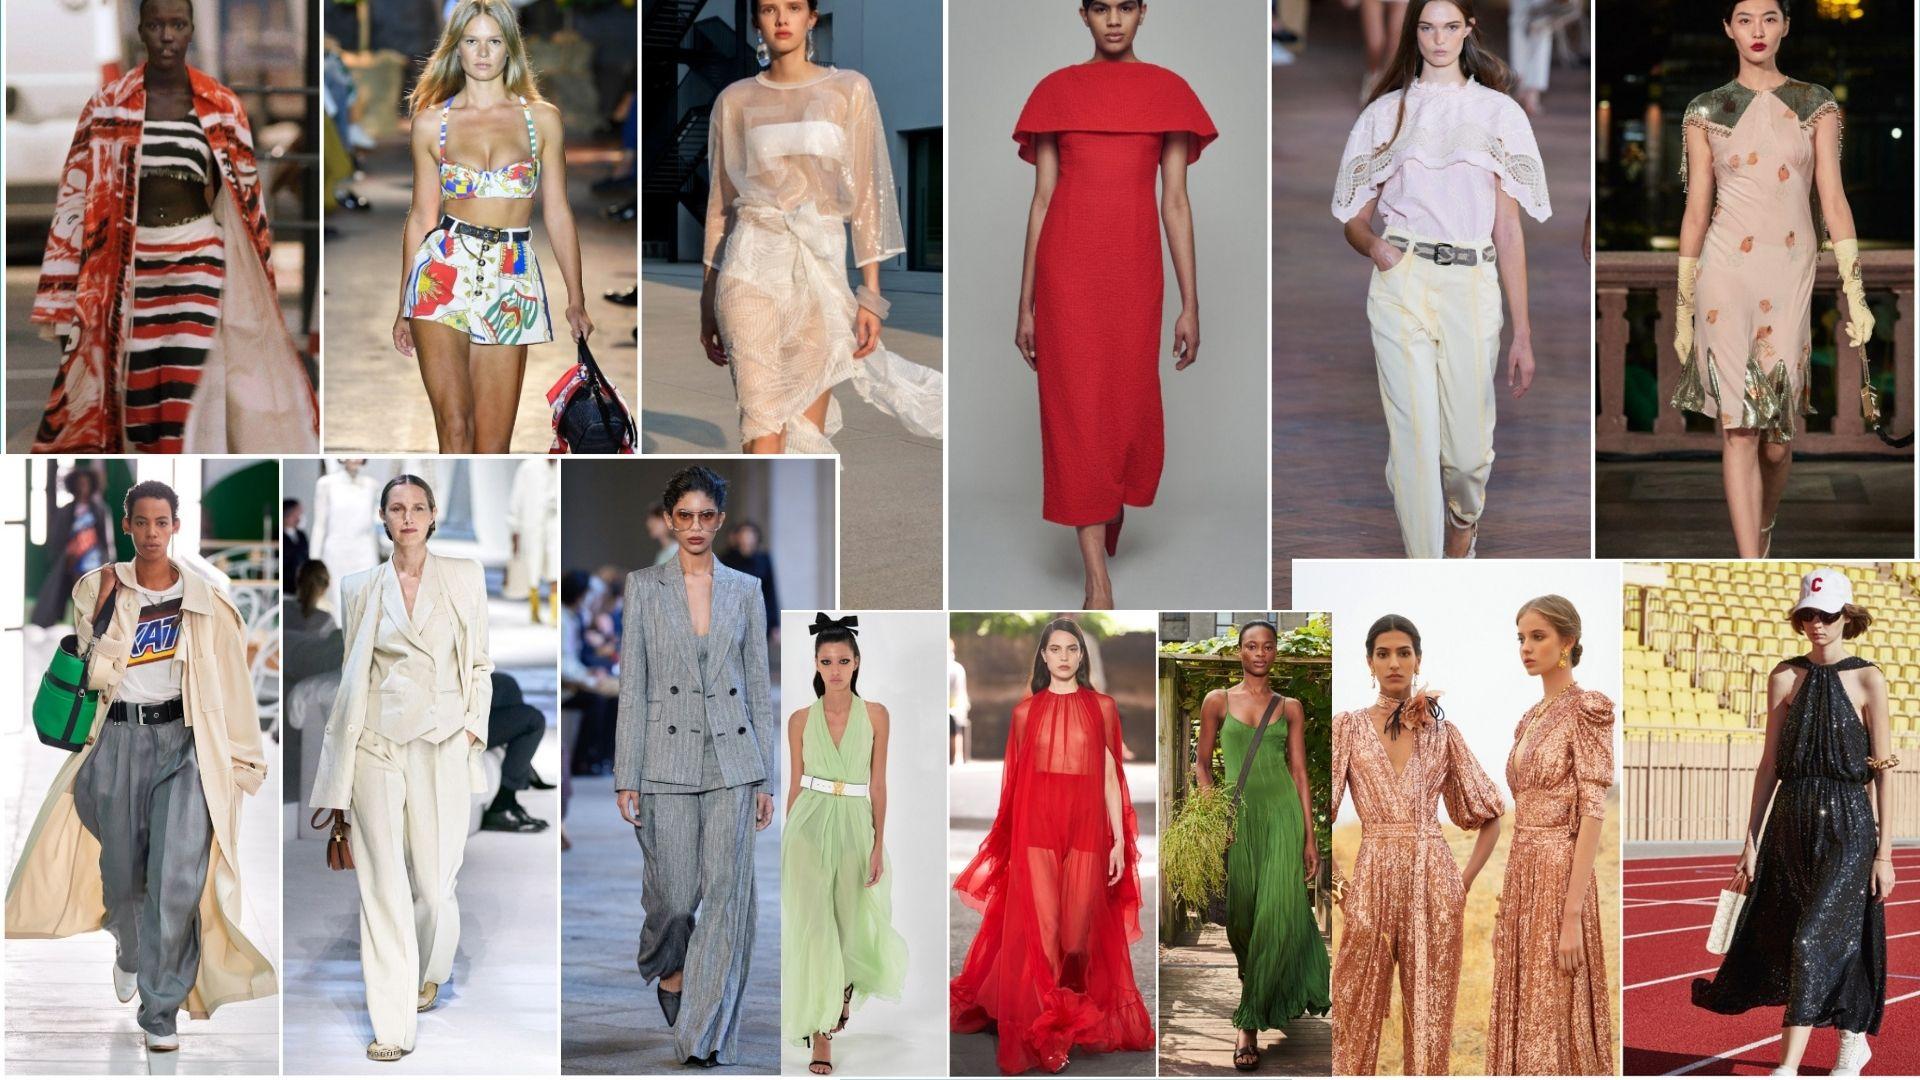 Tendencias moda primavera verano 2021. ¿Qué se lleva?